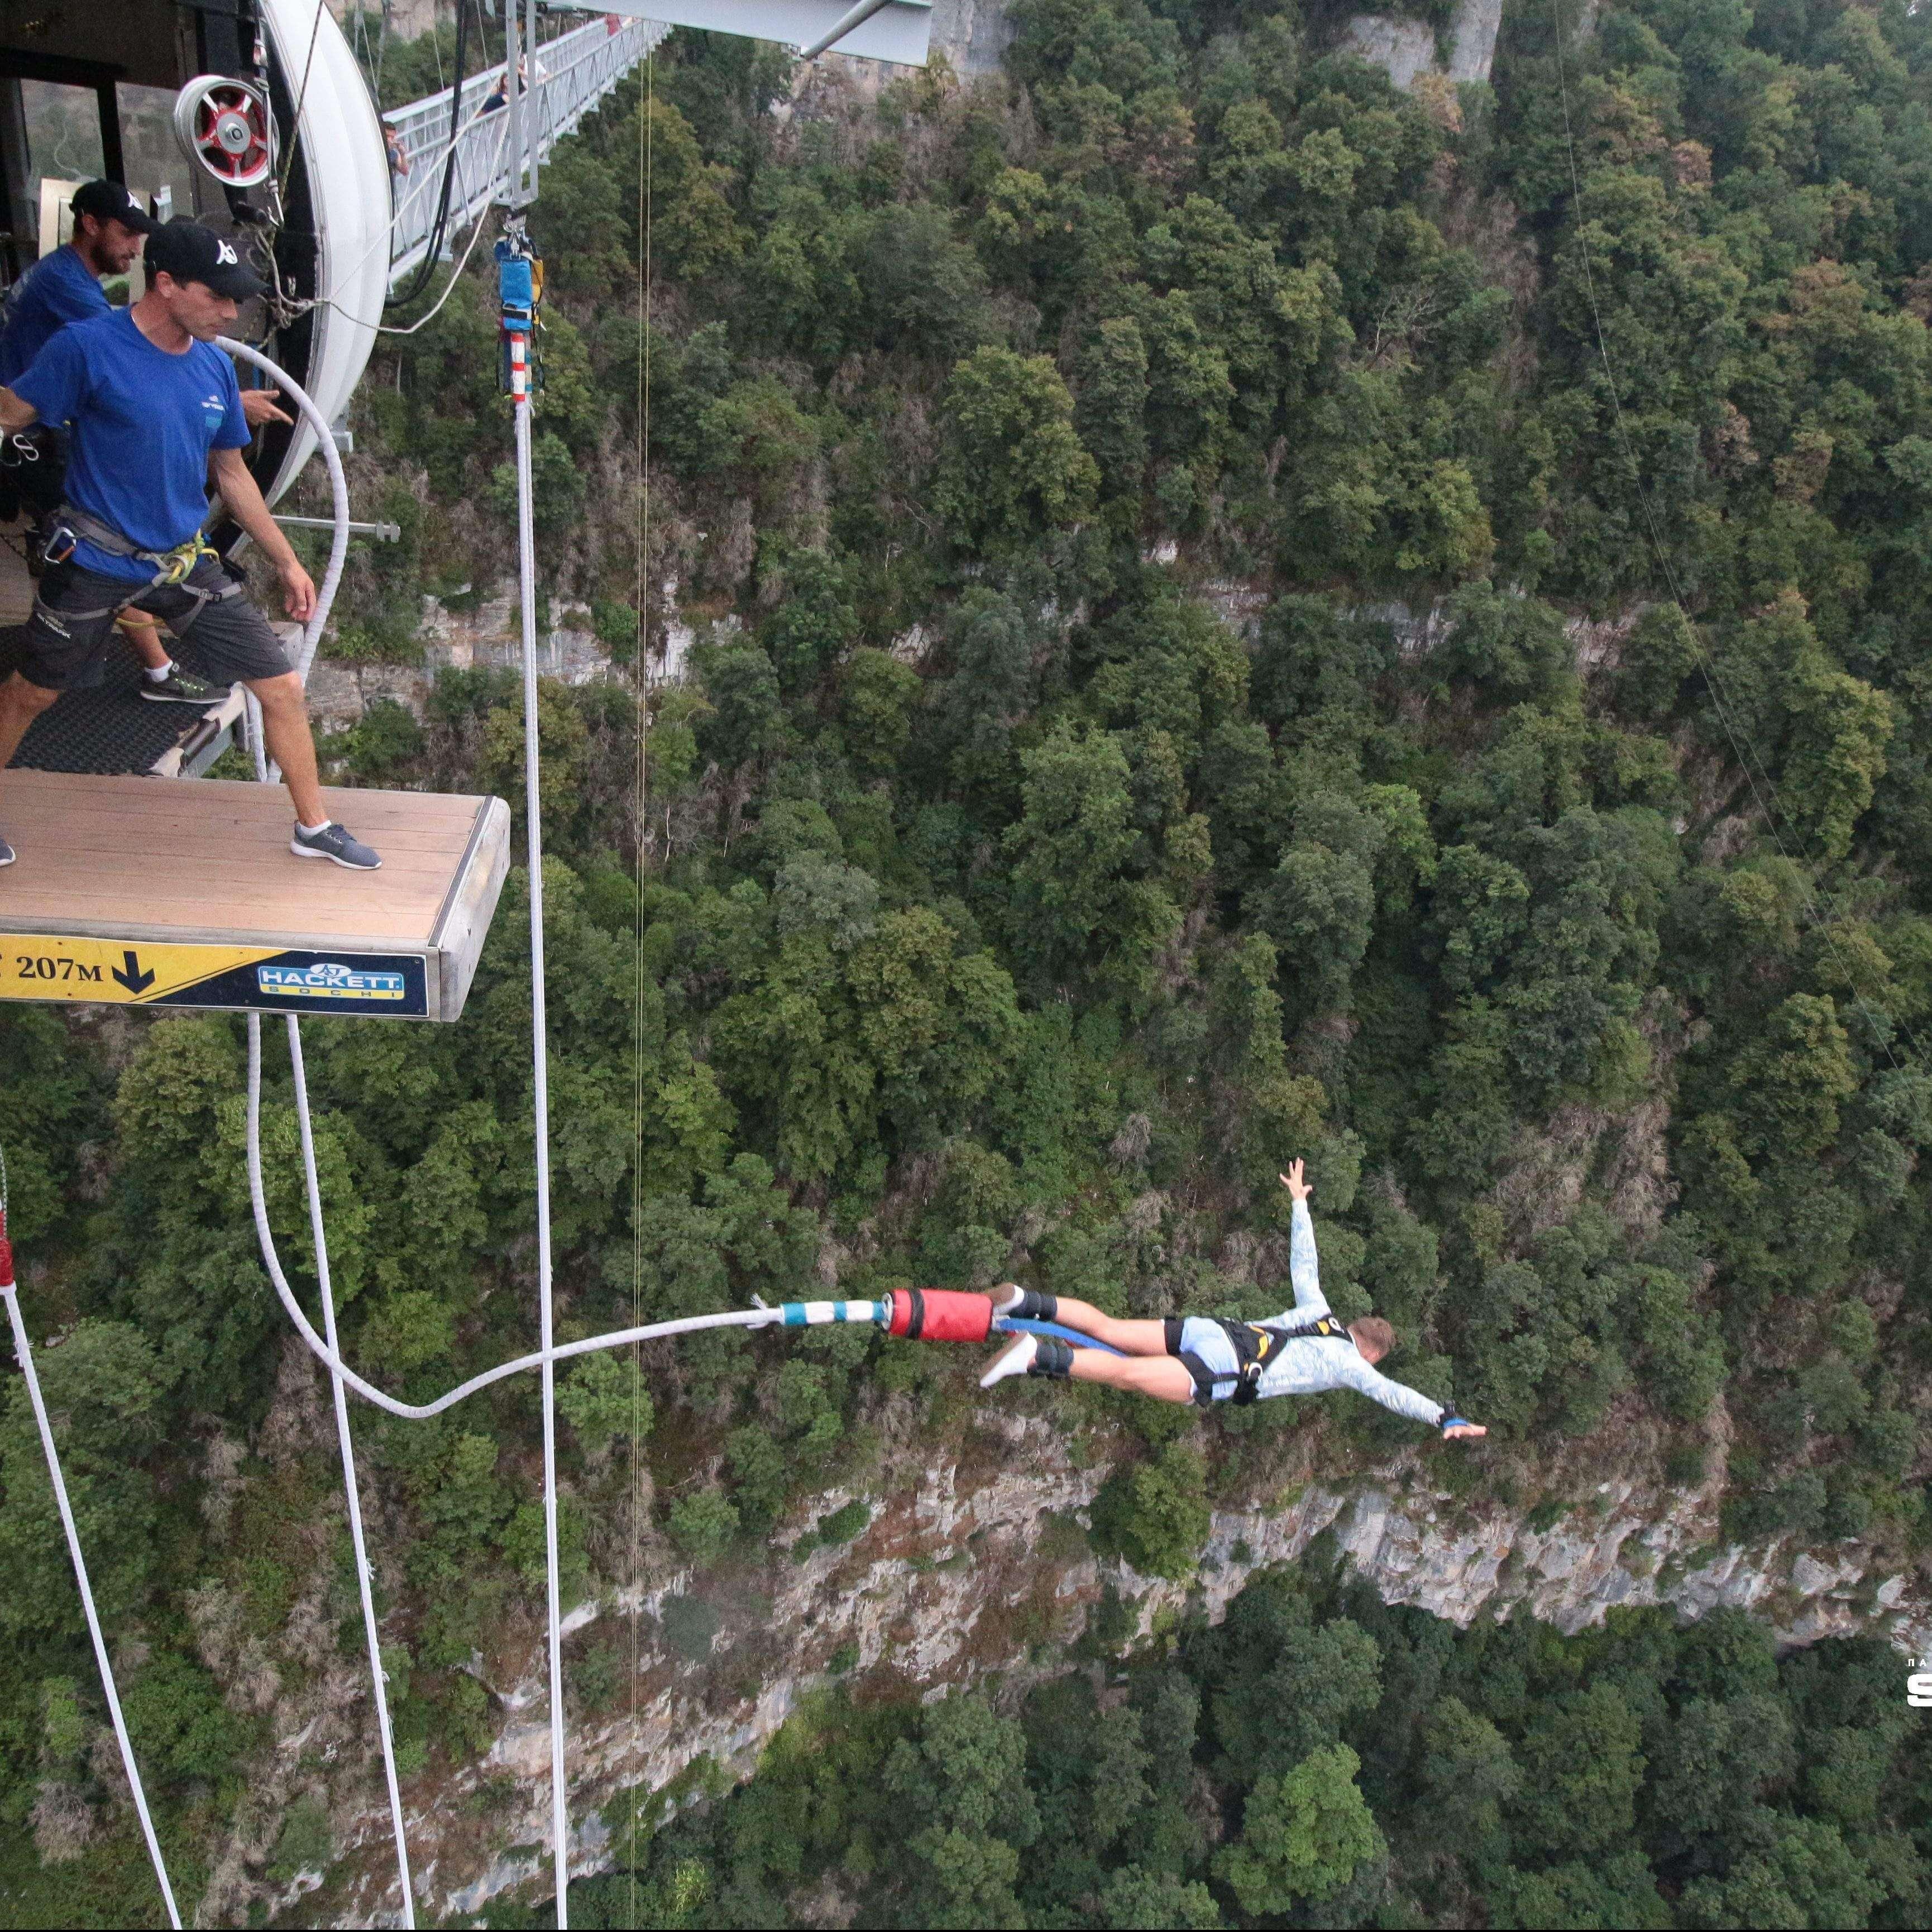 Ведущий со стальными нервами: экстремальный прыжок Bungy 207 метров в Сочи